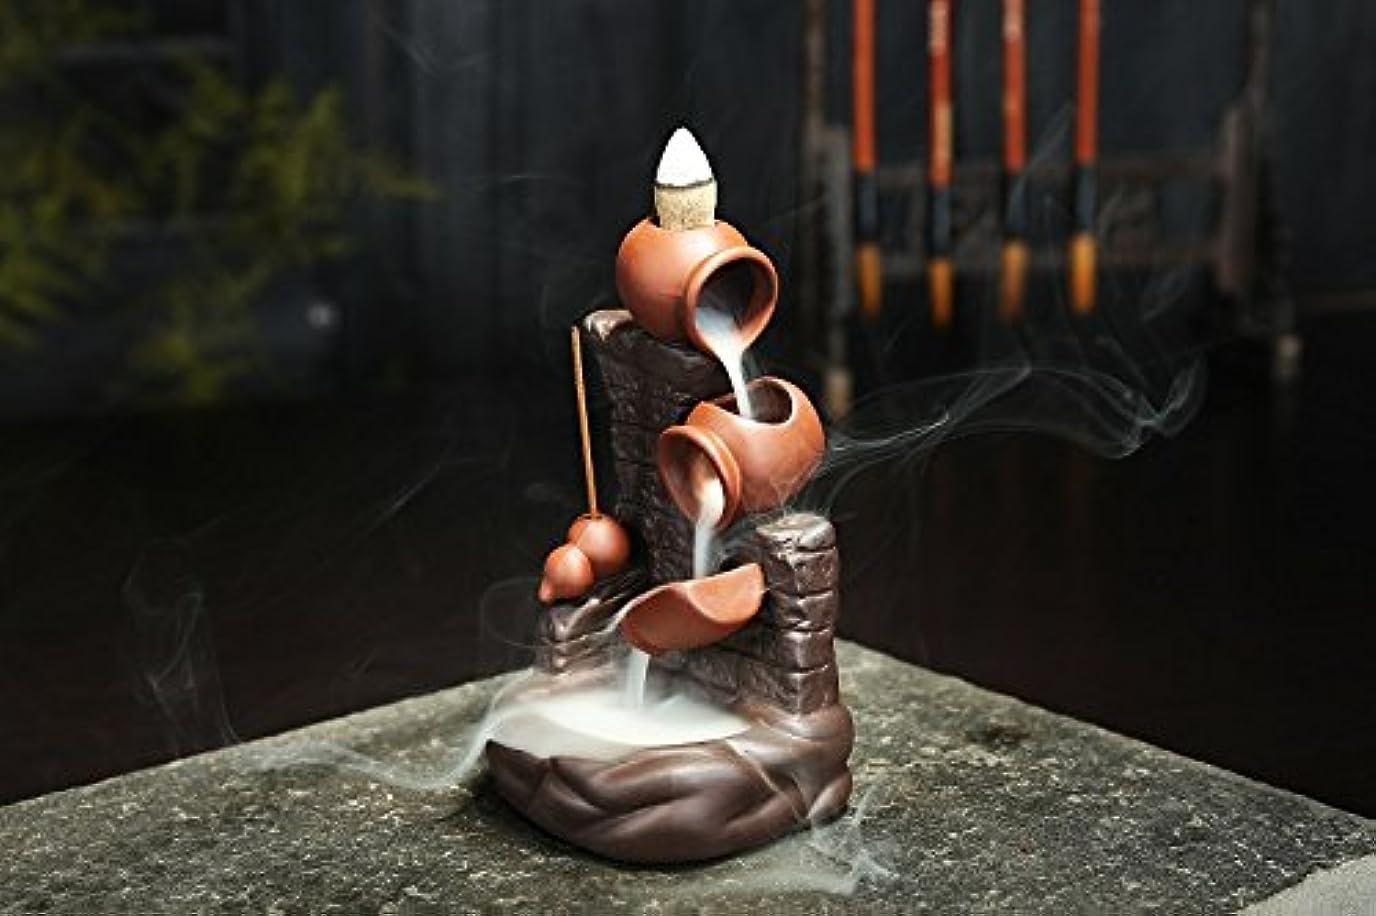 細断不利益ピニオン(Style 29) - Gift Pro Ceramic Backflow Incense Tower Burner Statue Figurine Incense Holder Incenses Not Included...